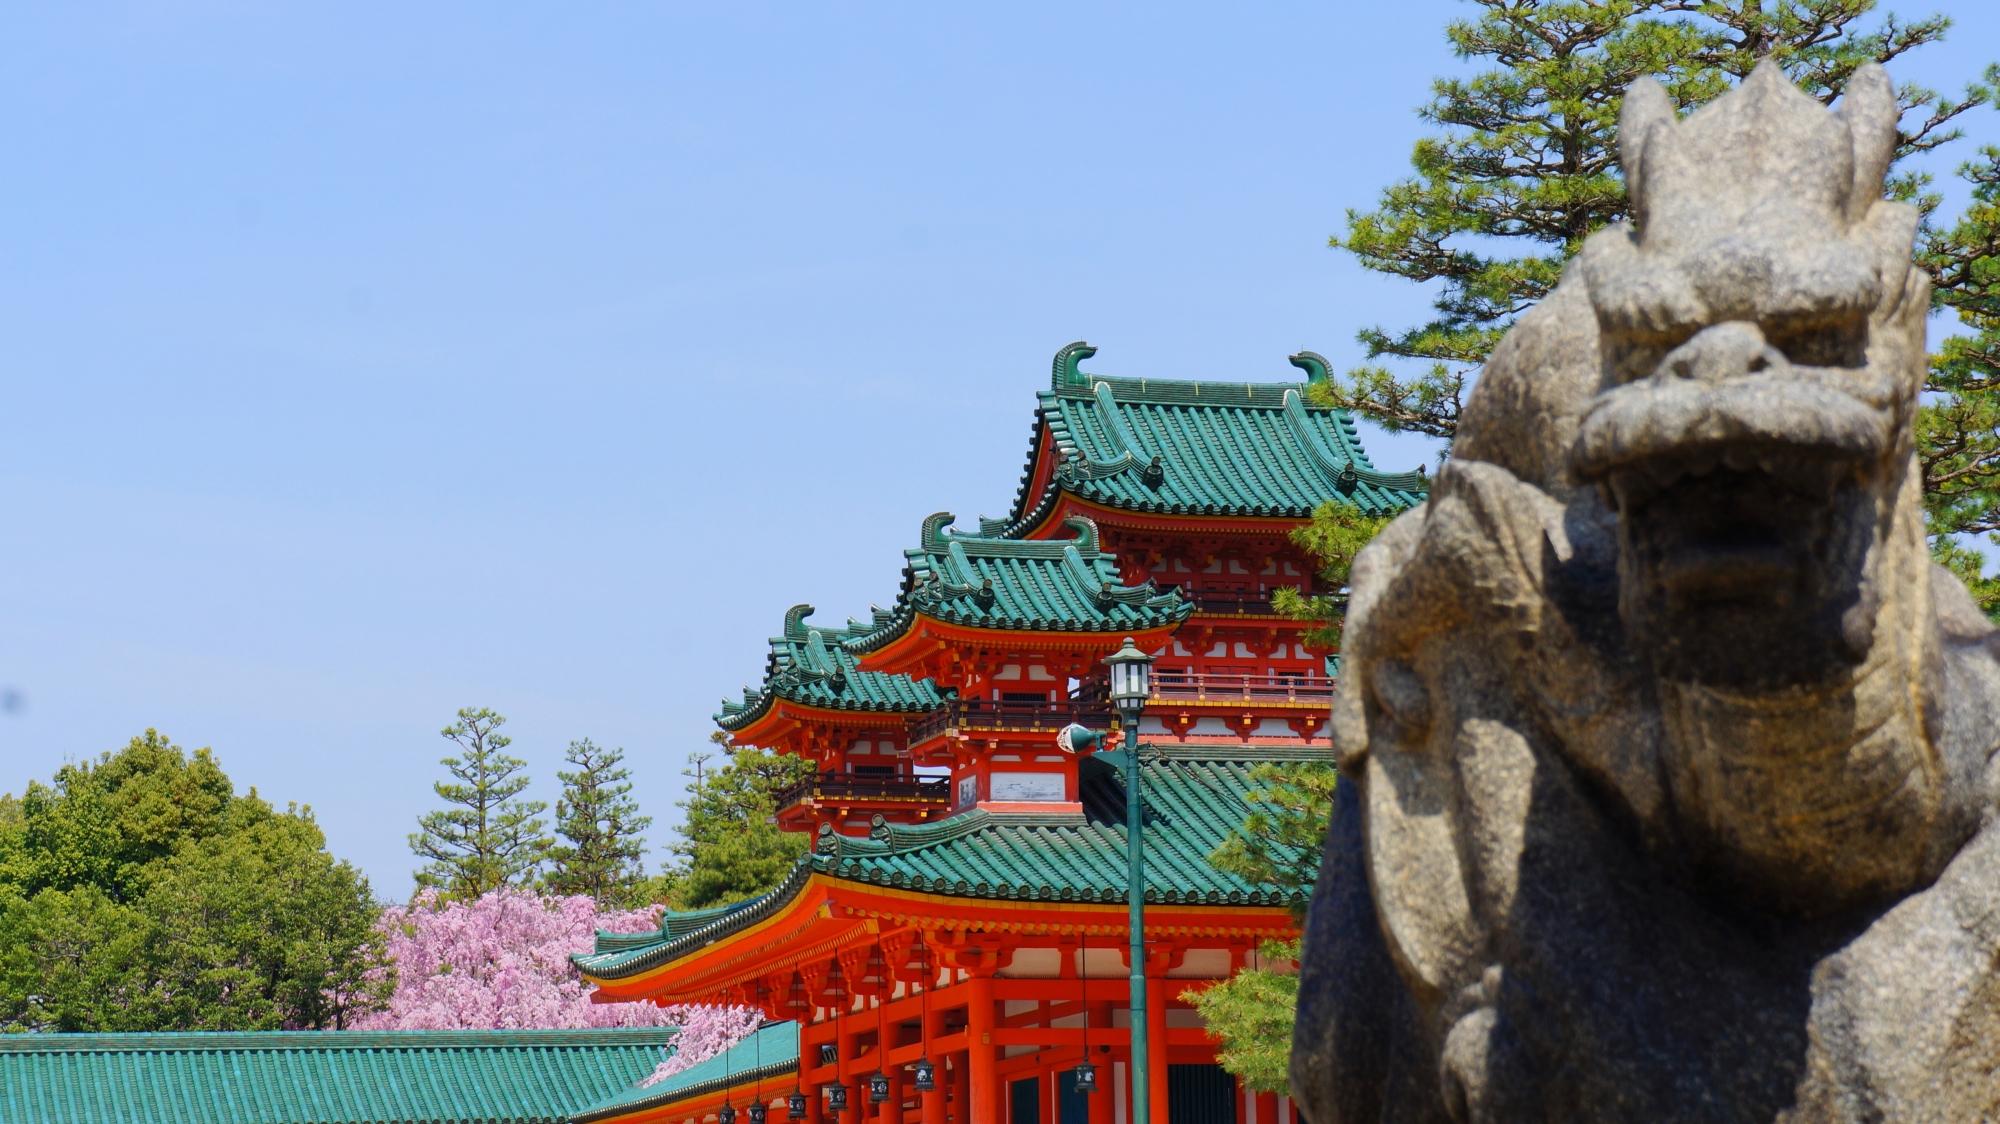 蒼龍像と奥に見える溢れる桜